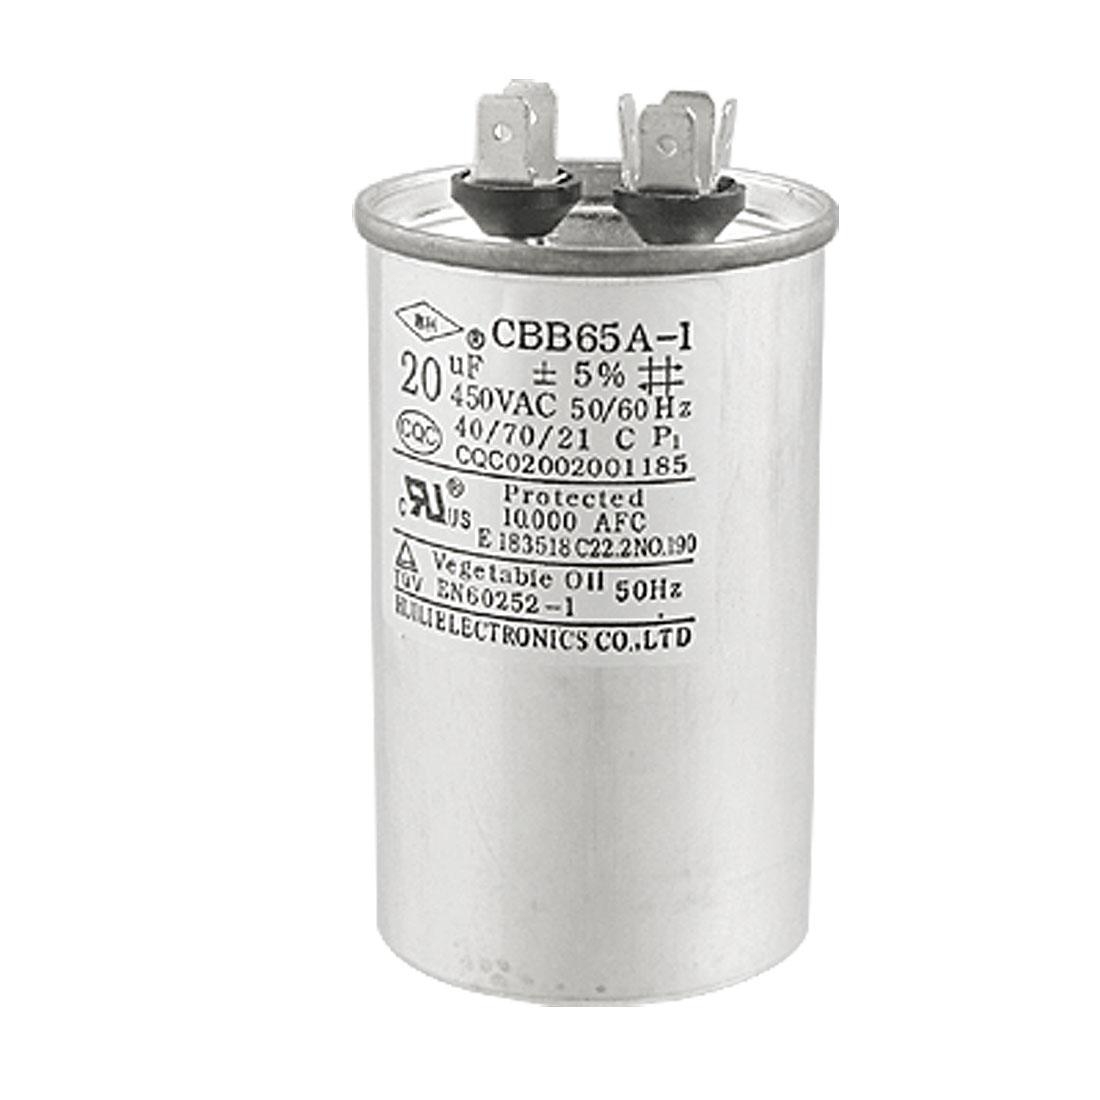 CBB65A-1 AC 450V 20uF Metallized Polypropylene Film Motor Capacitor